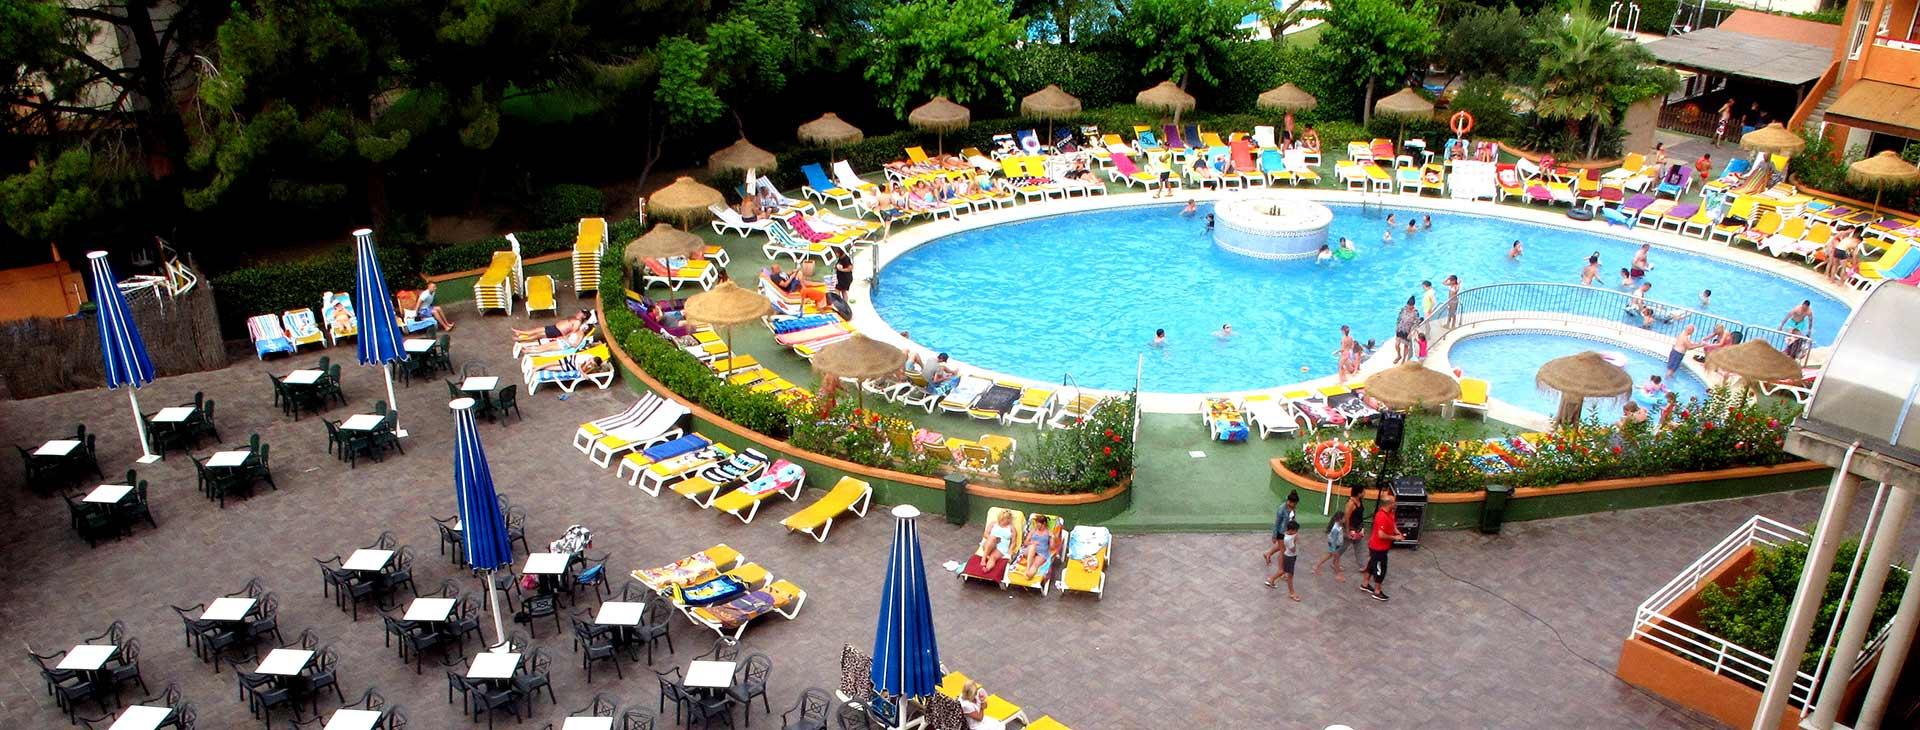 Belvedere (Cambrils) Hiszpania Costa Dorada